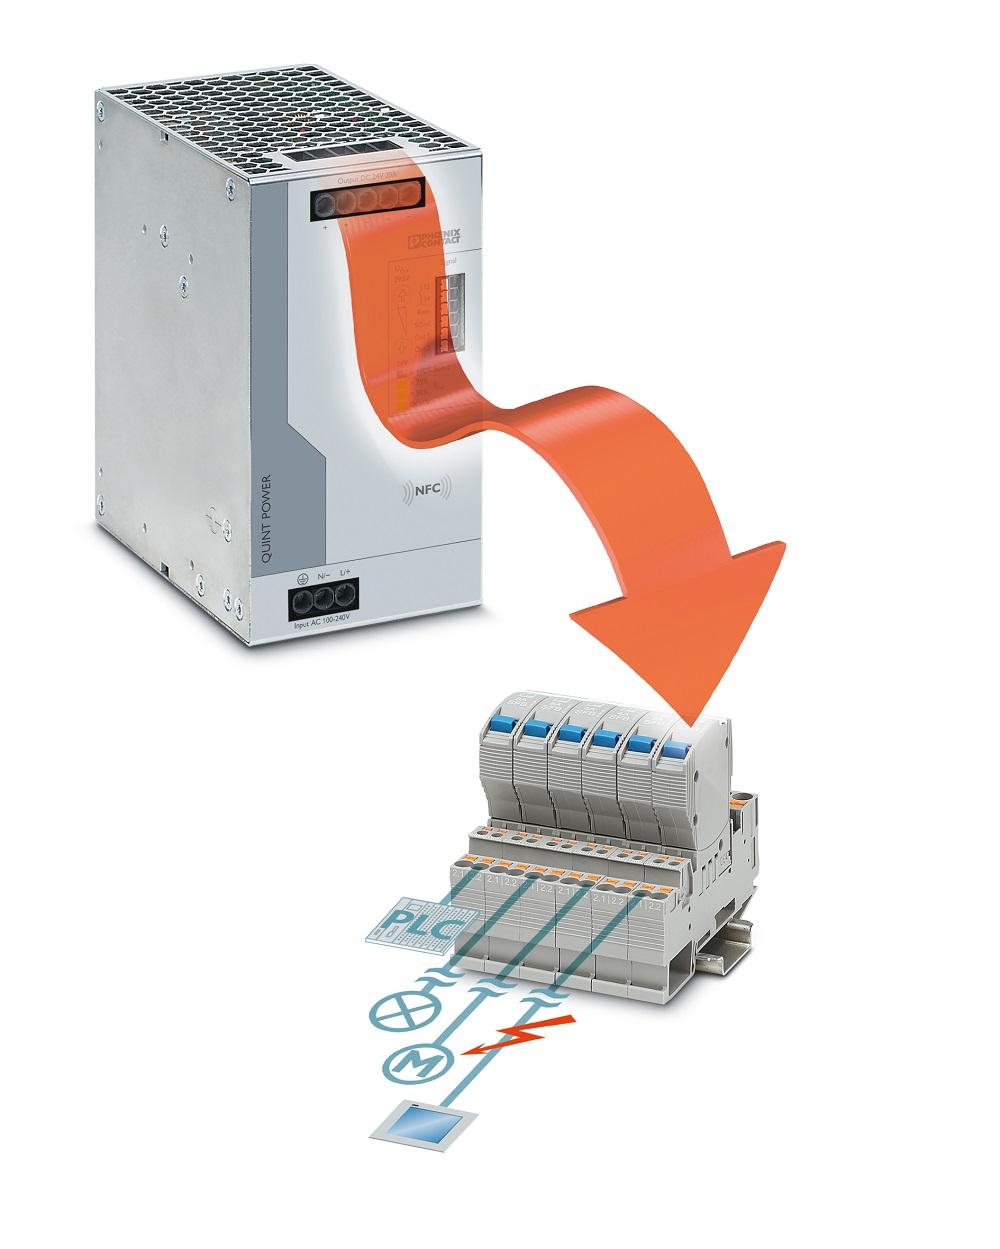 Technologia SFB zapewnia selektywne wyzwolenie standardowych wyłączników nadmiarowo prądowych, podczas gdy pozostałe podłączone równolegle odbiorniki kontynuują pracę.